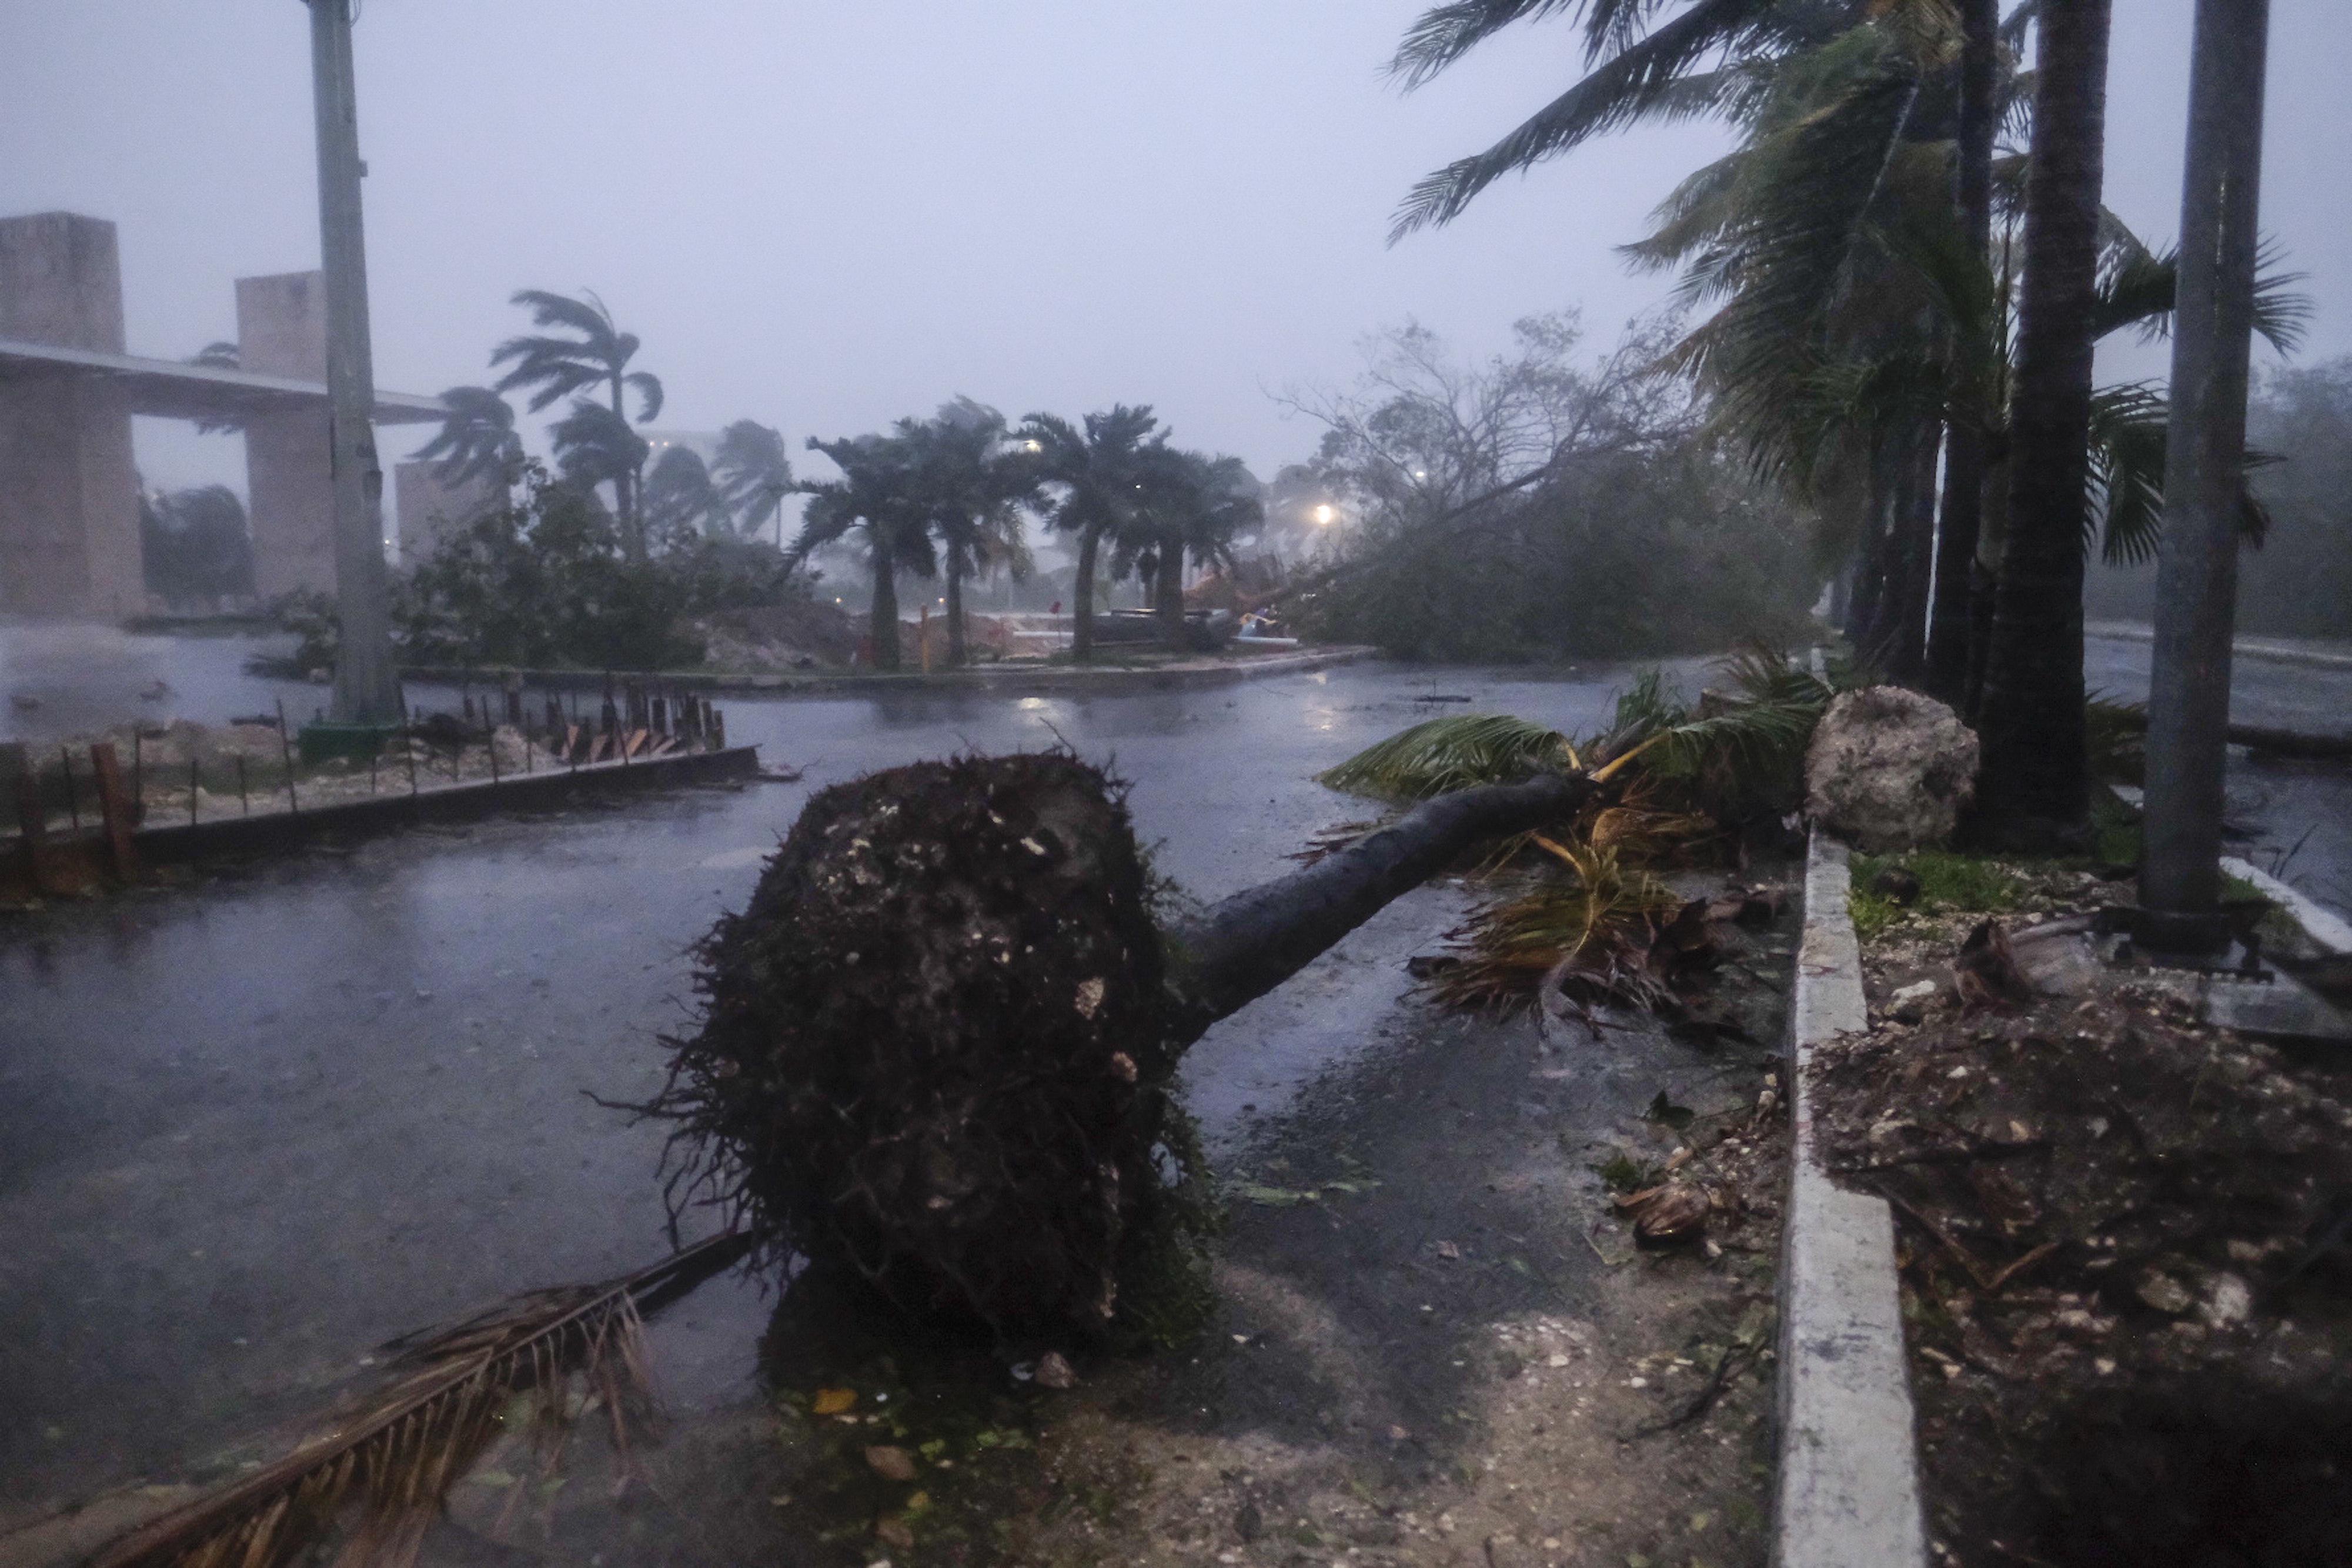 Una vista de algunos de los escombros que dejó el huracán Delta en Cancún, en Cancún, México, el miércoles 7 de octubre de 2020.